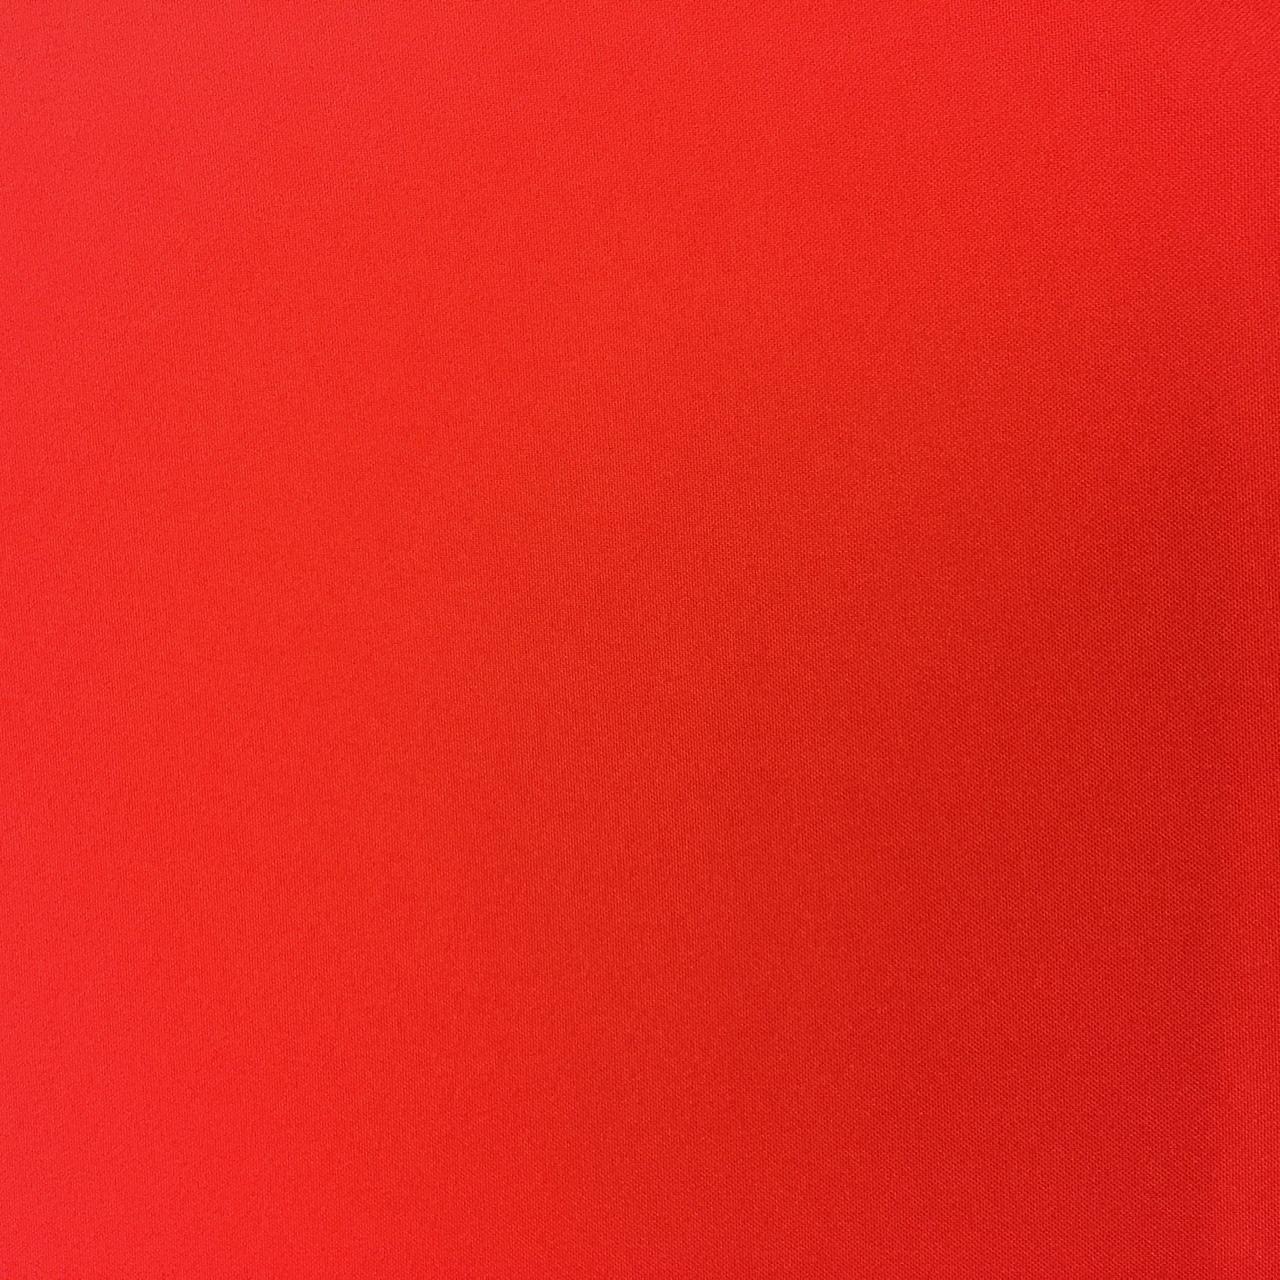 Shawl Cut 2 yds Red